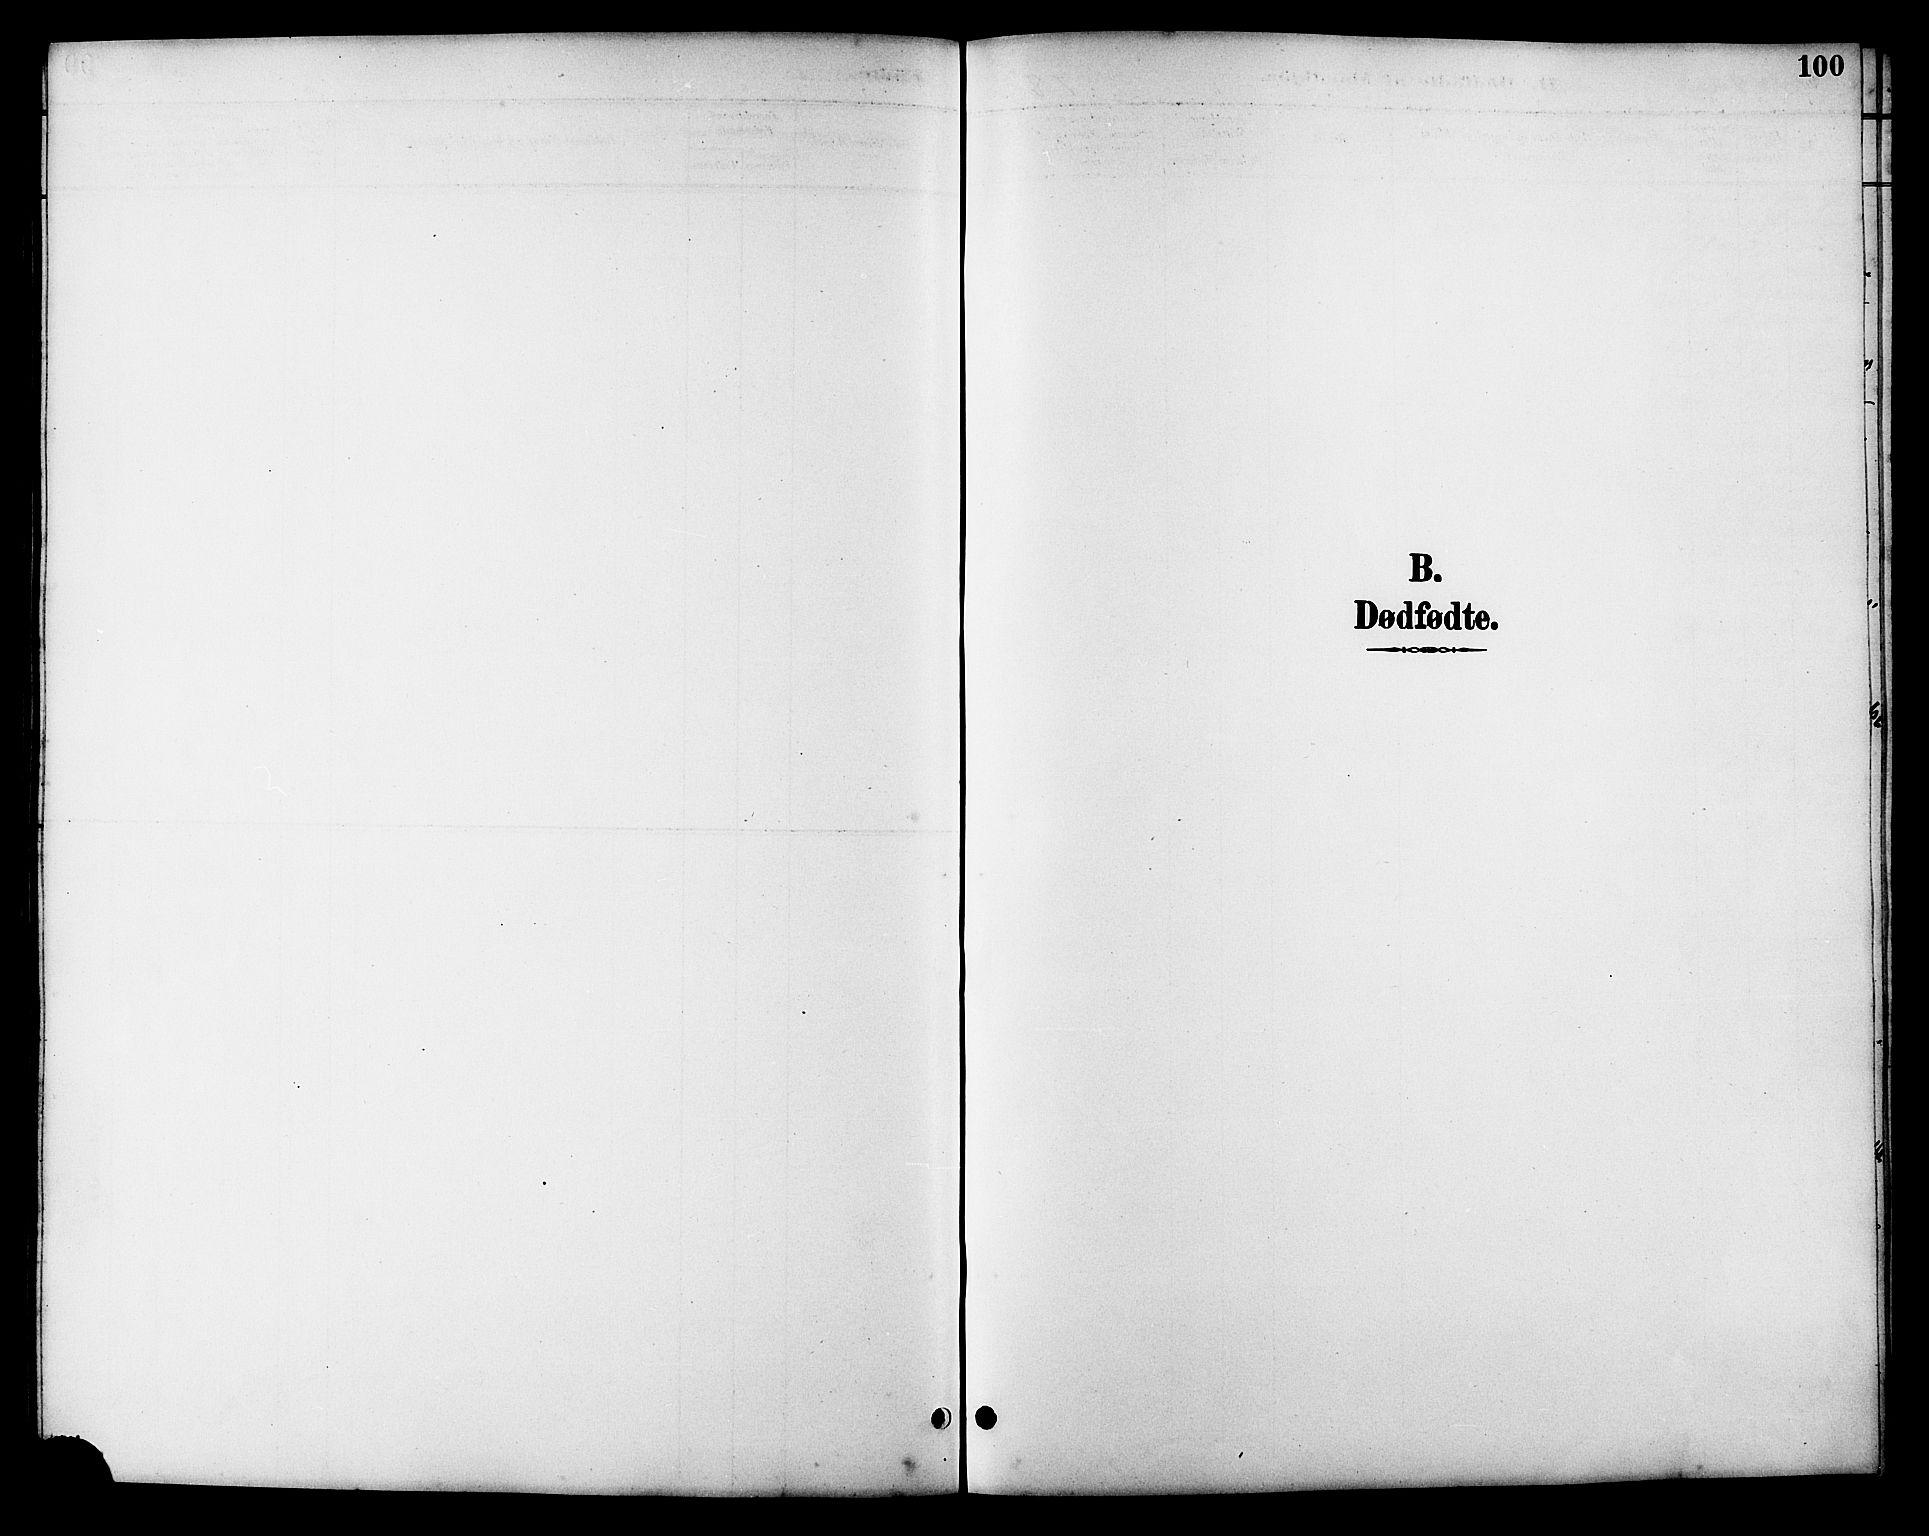 SAT, Ministerialprotokoller, klokkerbøker og fødselsregistre - Sør-Trøndelag, 657/L0716: Klokkerbok nr. 657C03, 1889-1904, s. 100